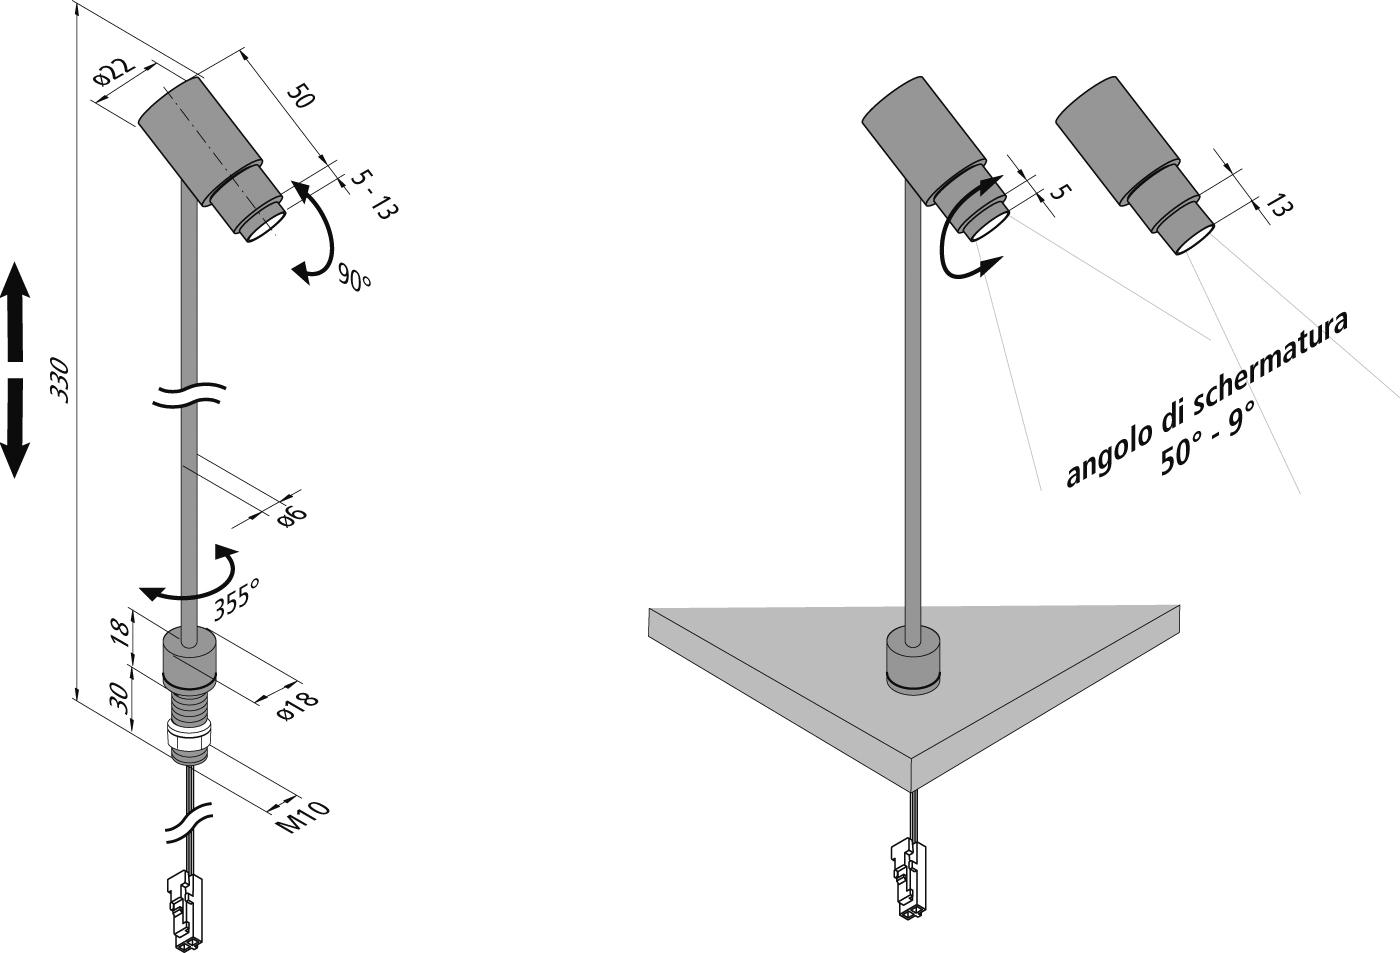 Anteprima: LED-Zoom_it